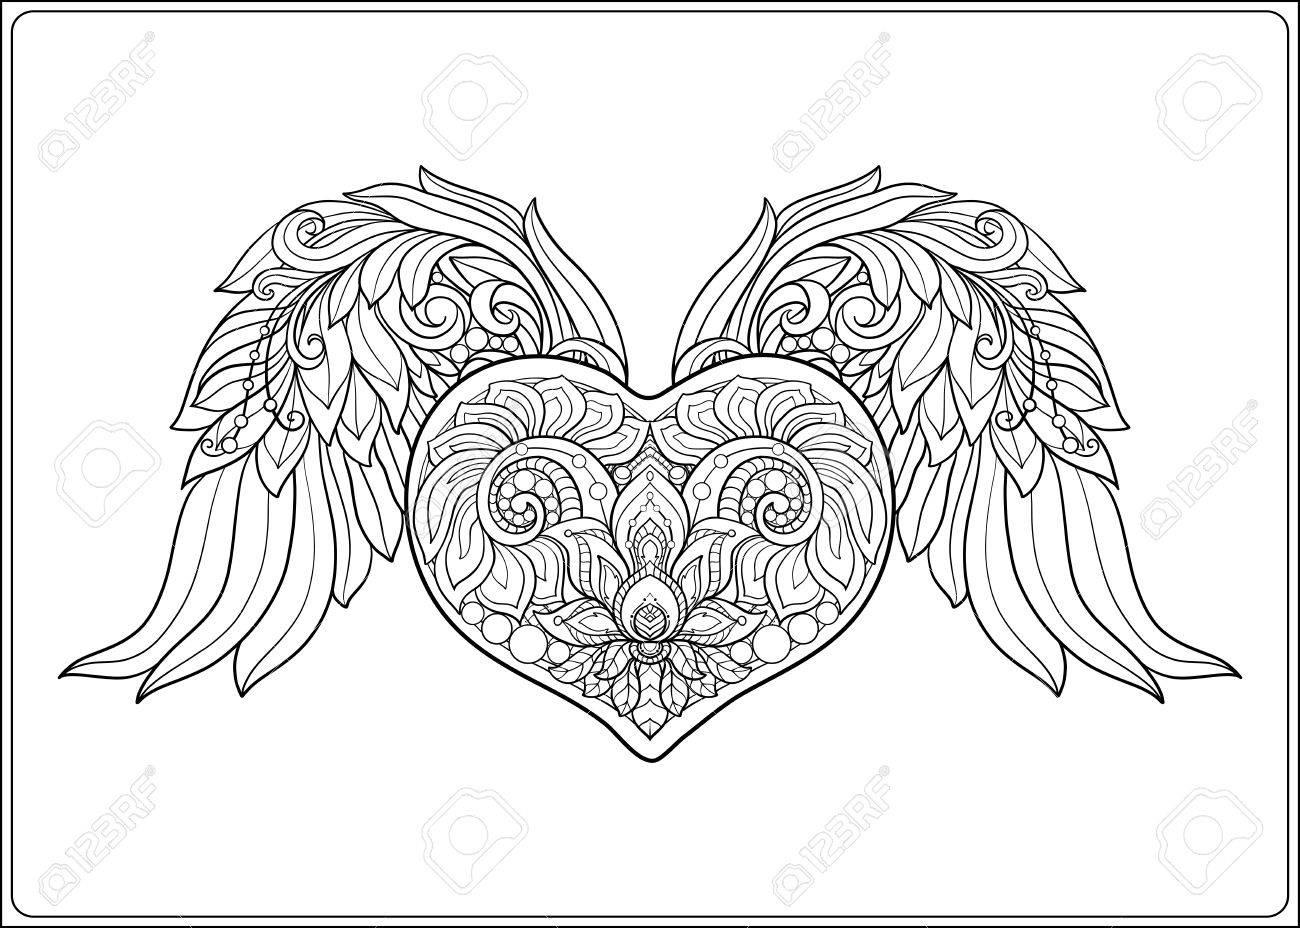 Coeur D Amour à Motifs Décoratifs Avec Des Ailes D Ange Illustration Vectorielle De Ligne De Stock Livre à Colorier Pour Adultes Dessin De Dessin